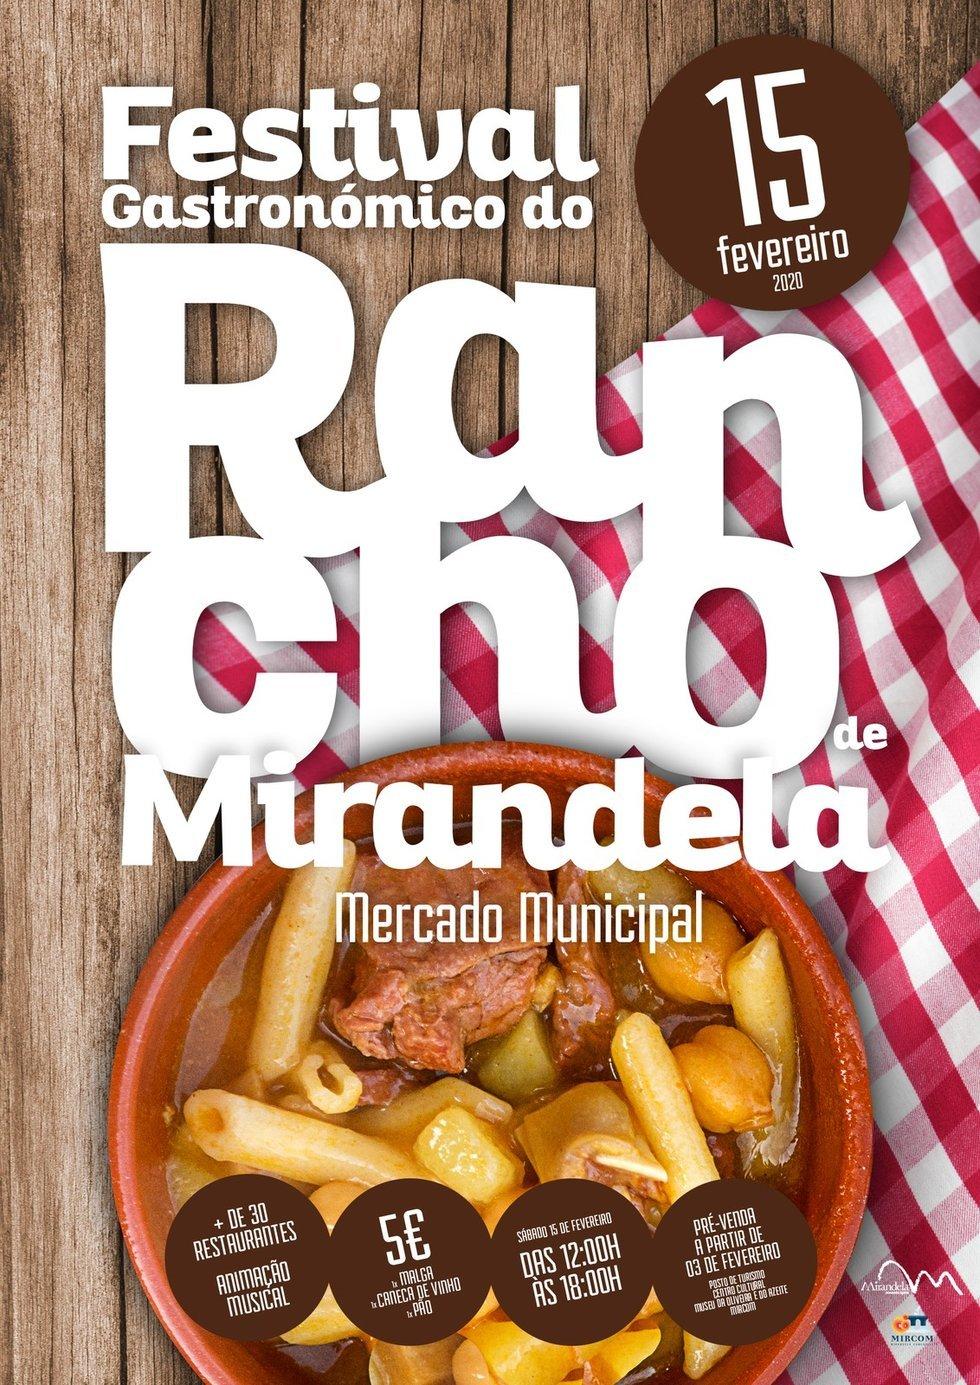 Festival Gastronómico do Rancho de Mirandela